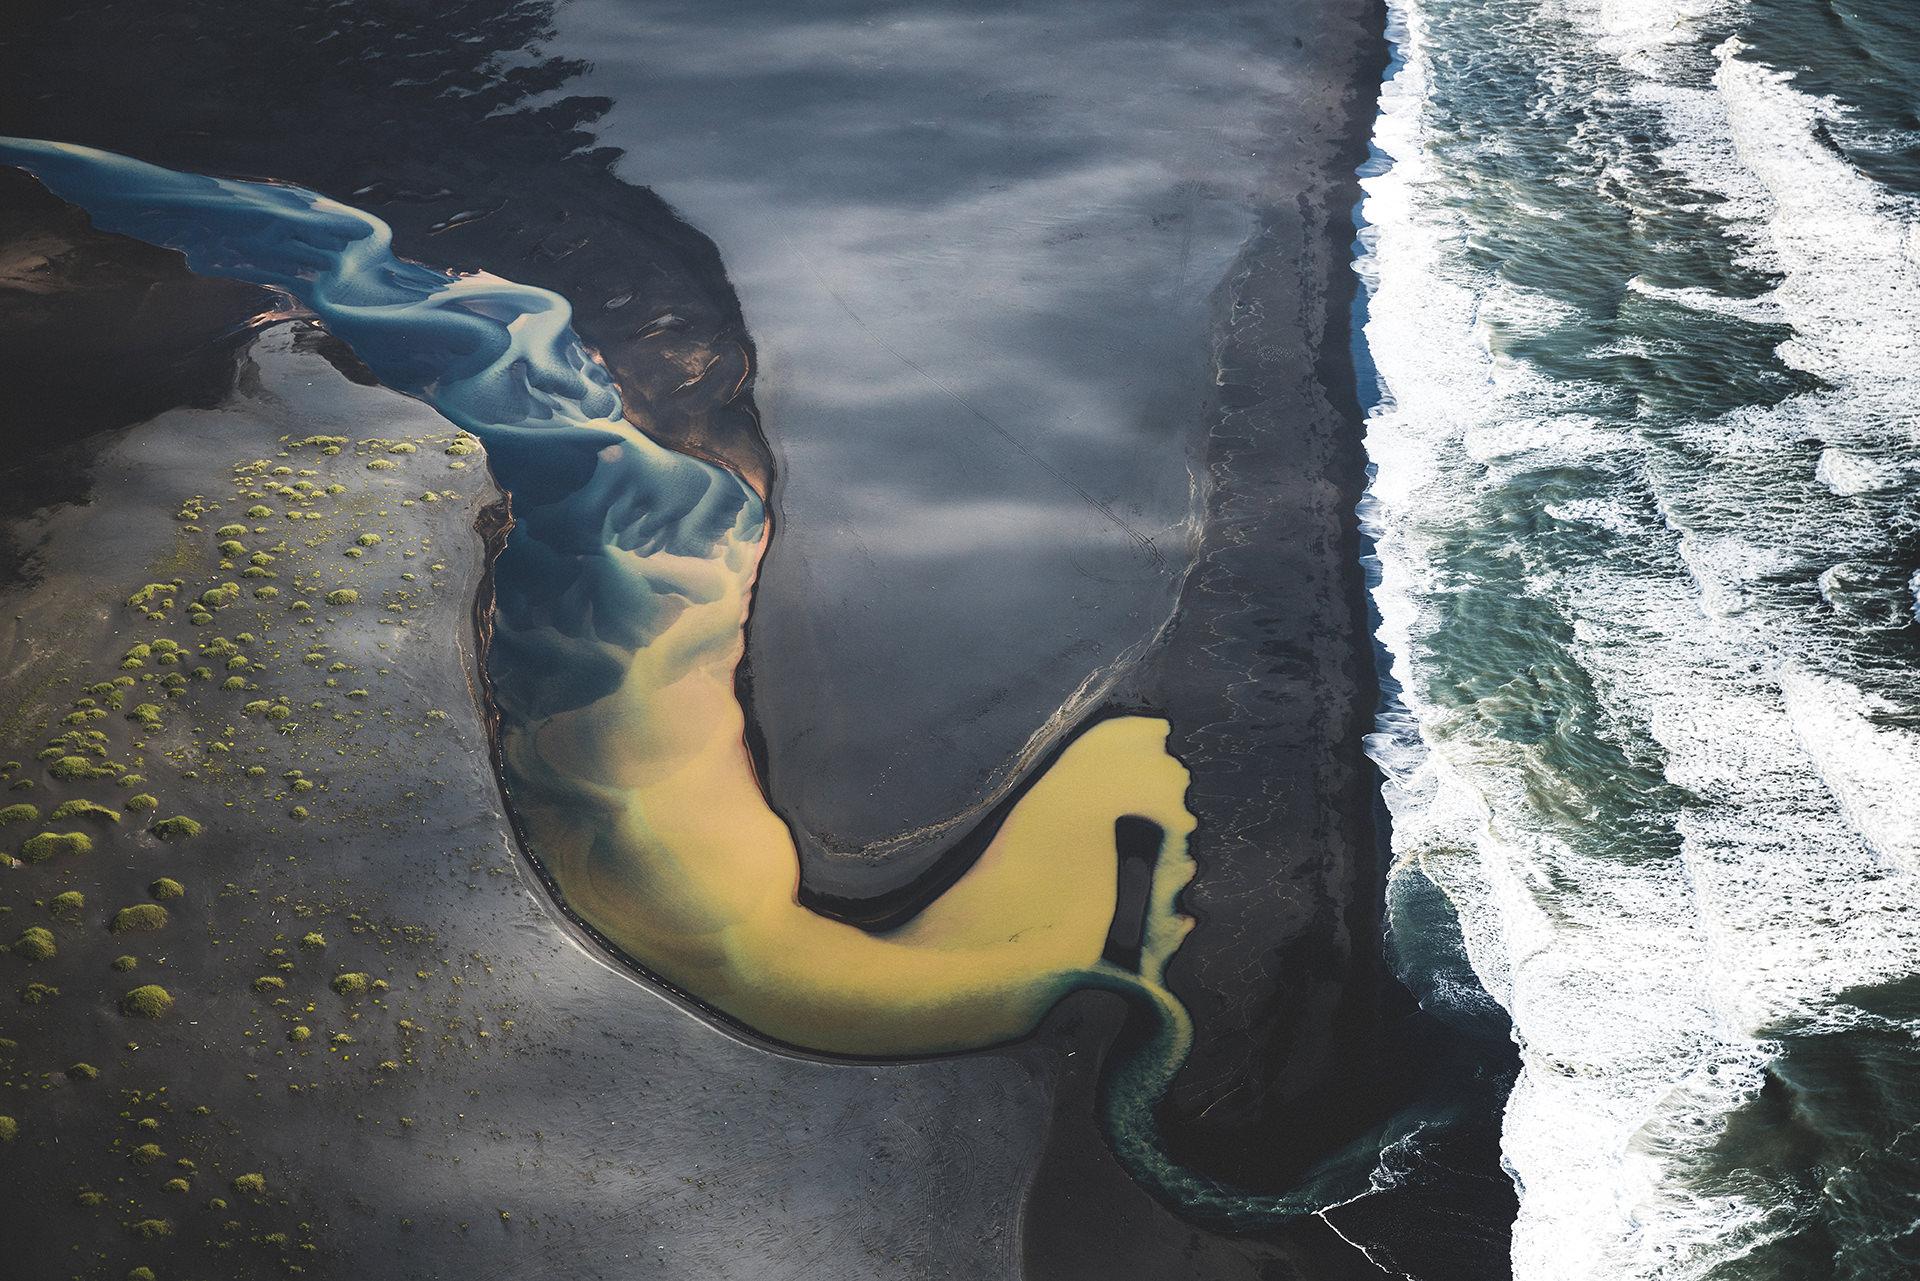 muendung-meer-gletscherfluss-bunt